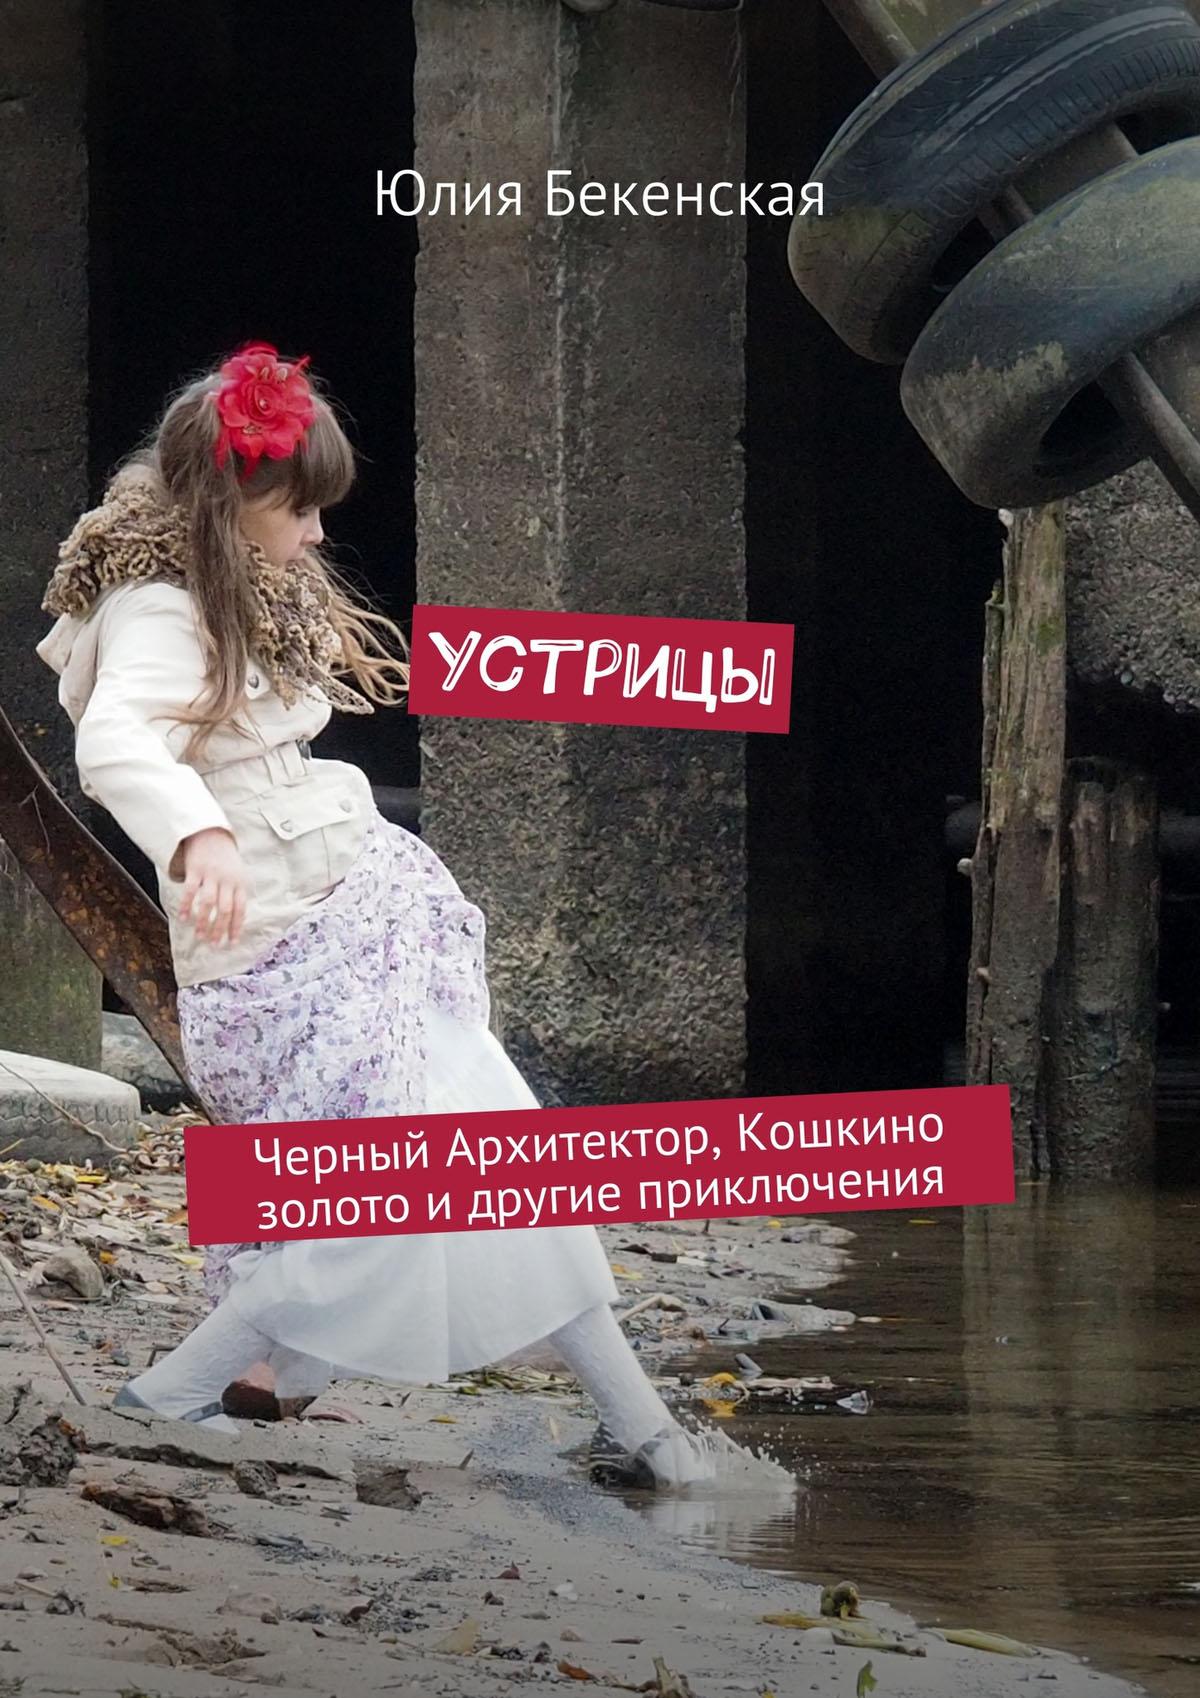 Юлия Бекенская Устрицы. Черный Архитектор, Кошкино золото и другие приключения